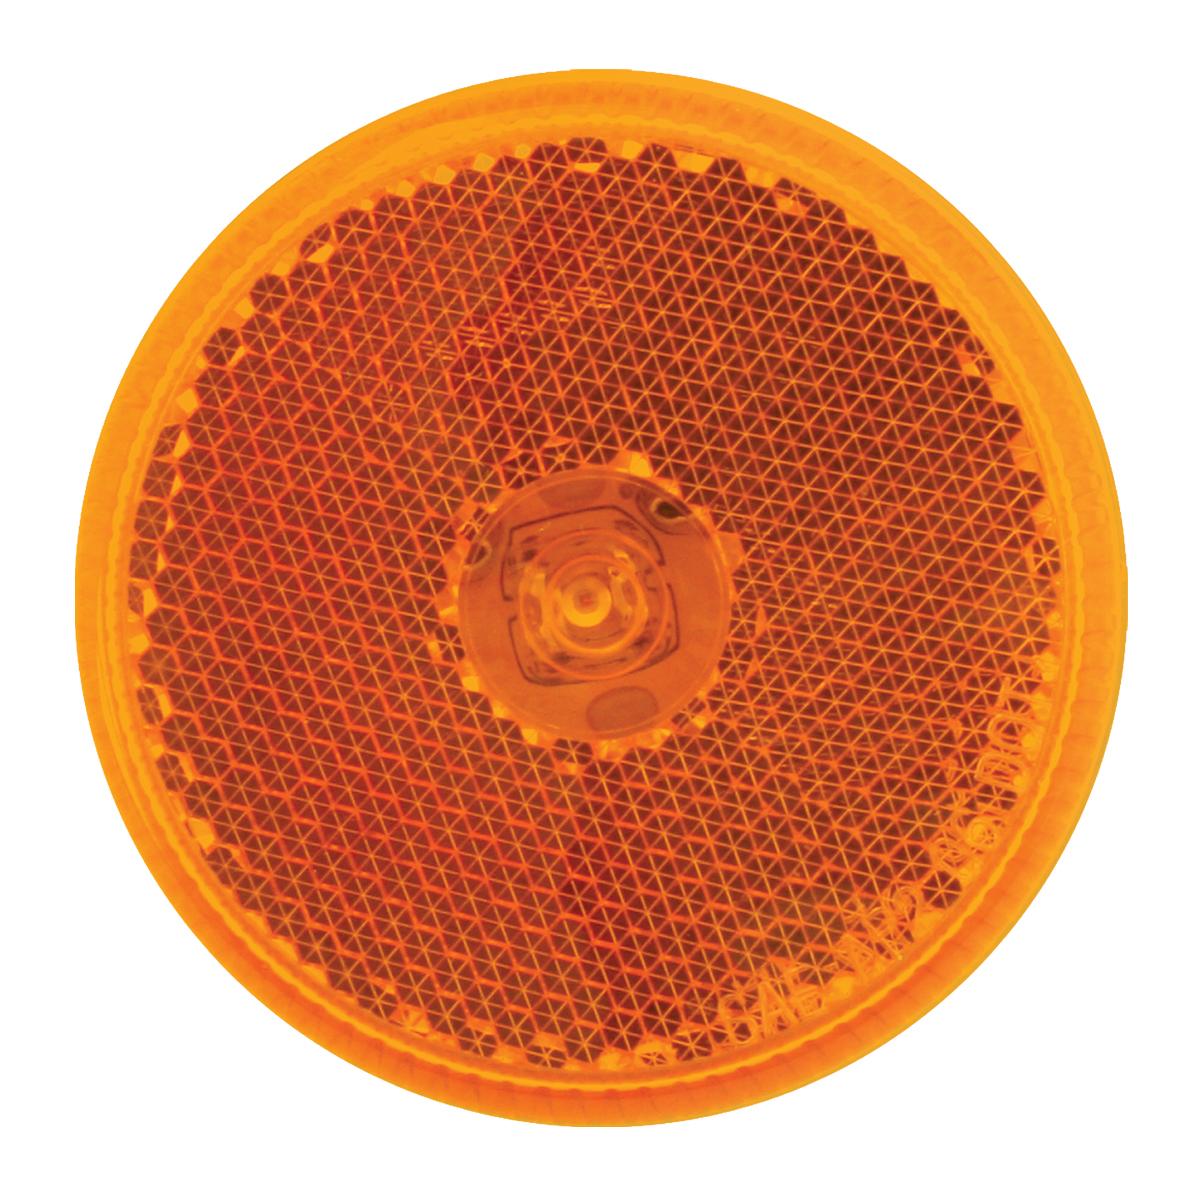 """76420 2.5"""" Single LED Marker Light in Amber/Amber"""